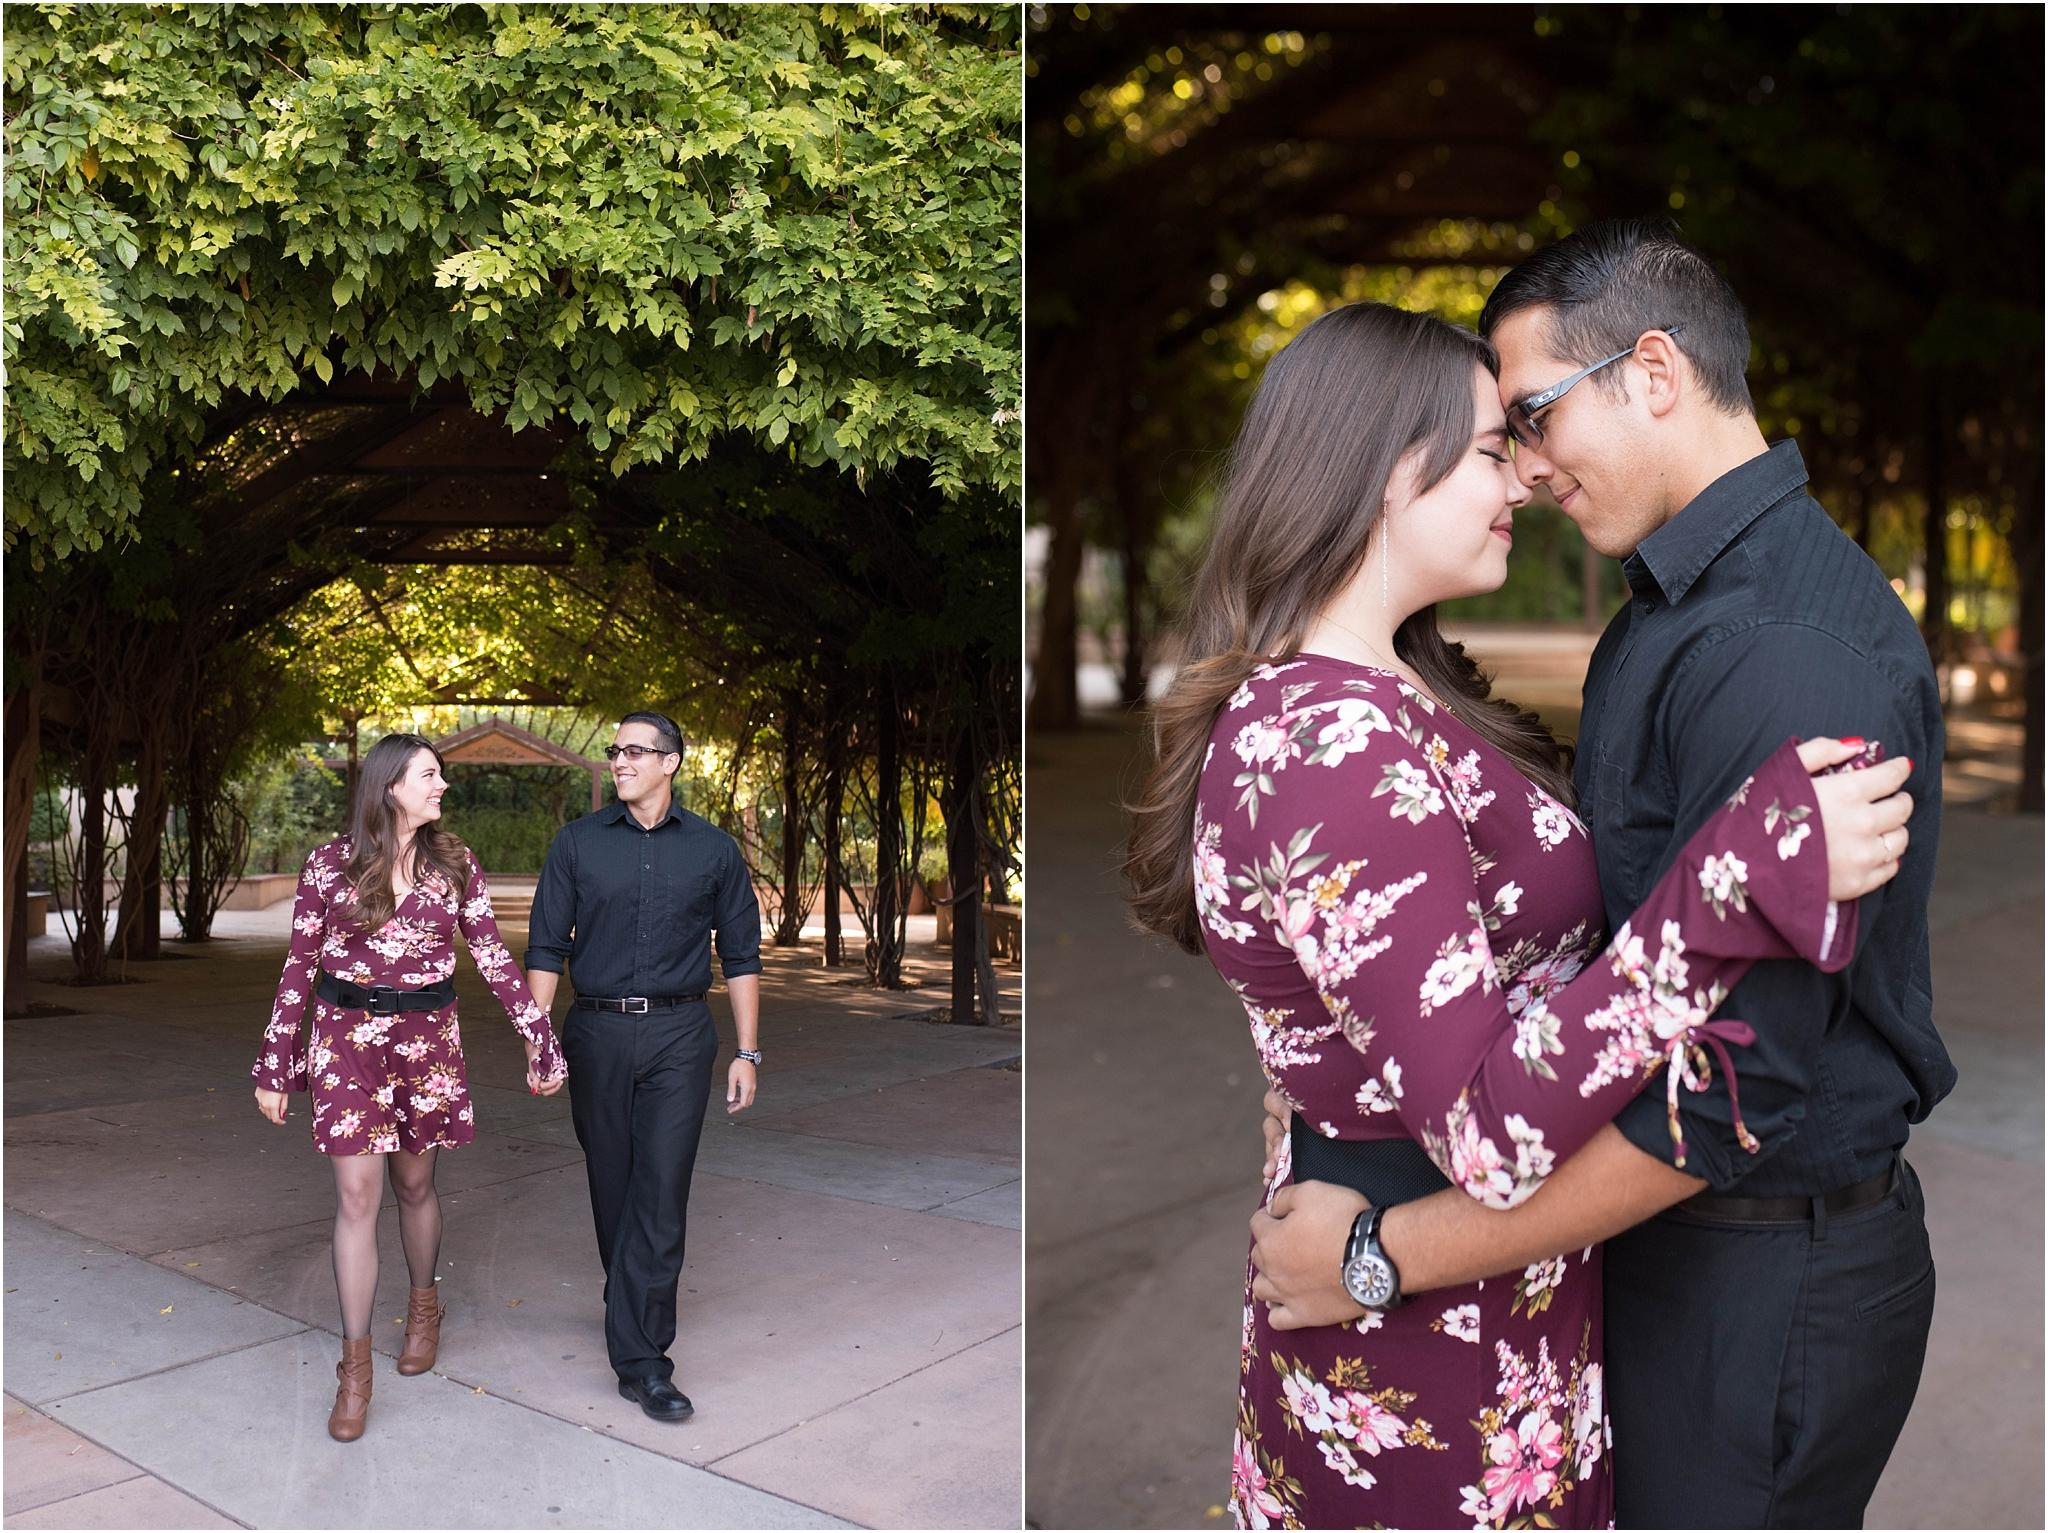 kayla kitts photography - new mexico wedding photographer - albuquerque botanic gardens - hotel albuquerque_0055.jpg